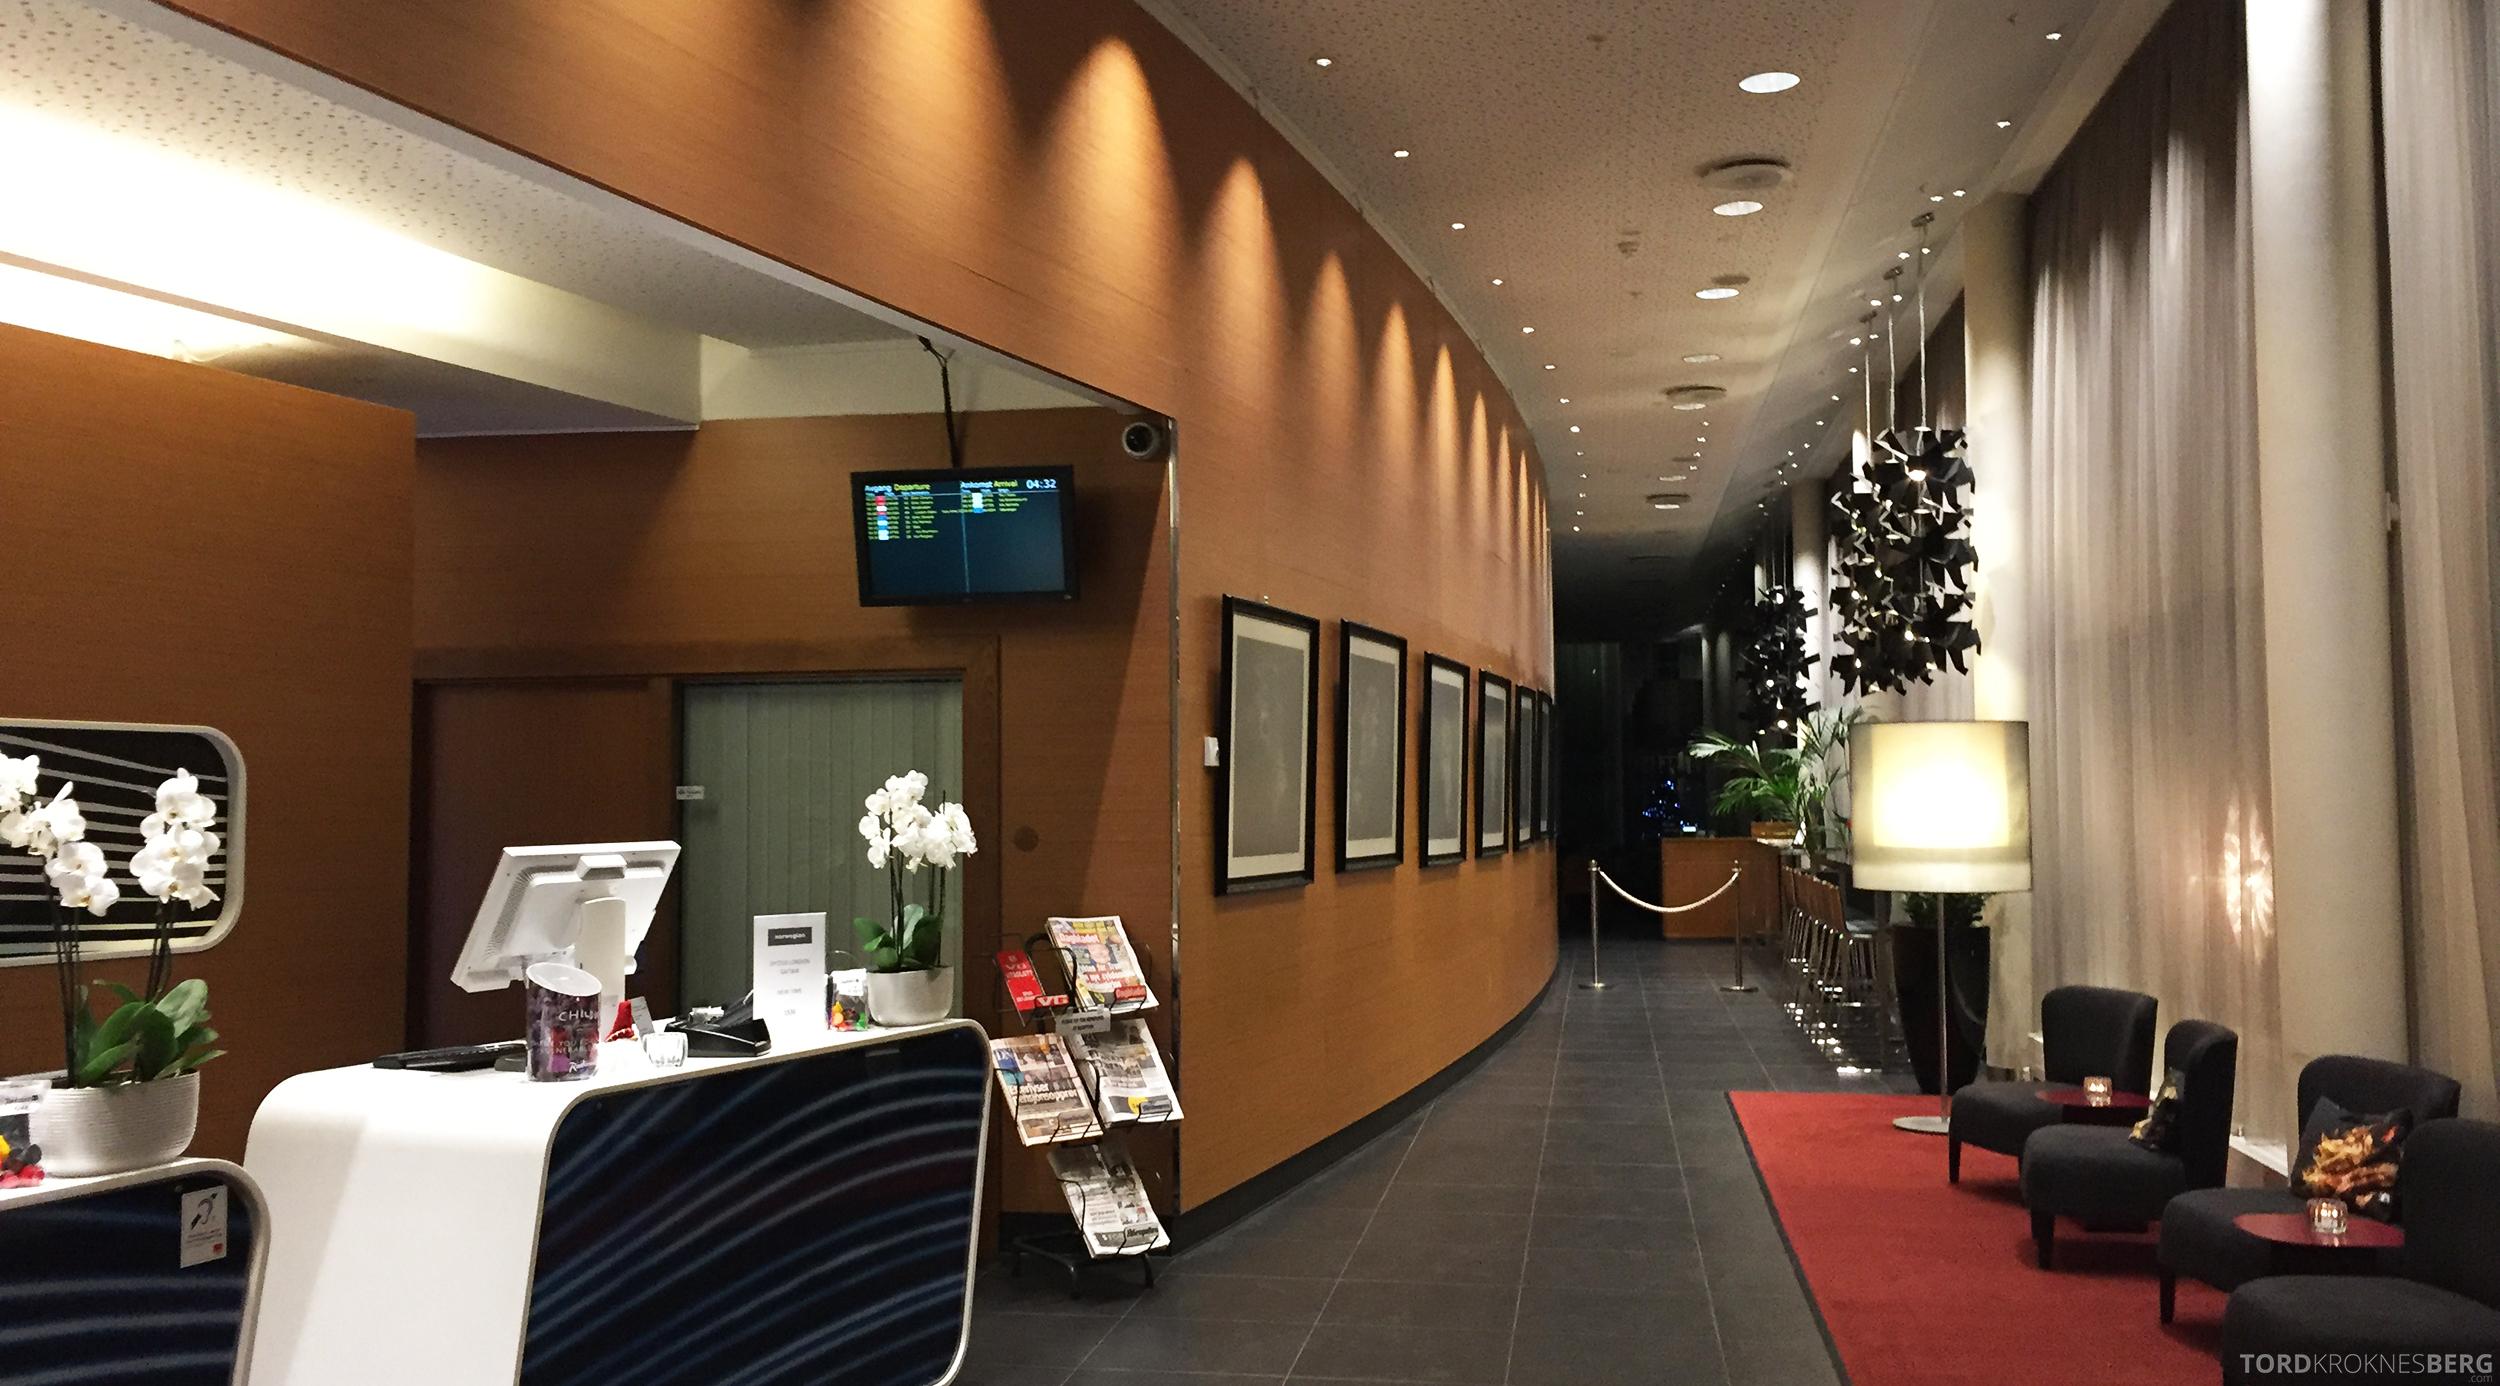 Radisson Blu Airport Hotel Trondheim utsjekk